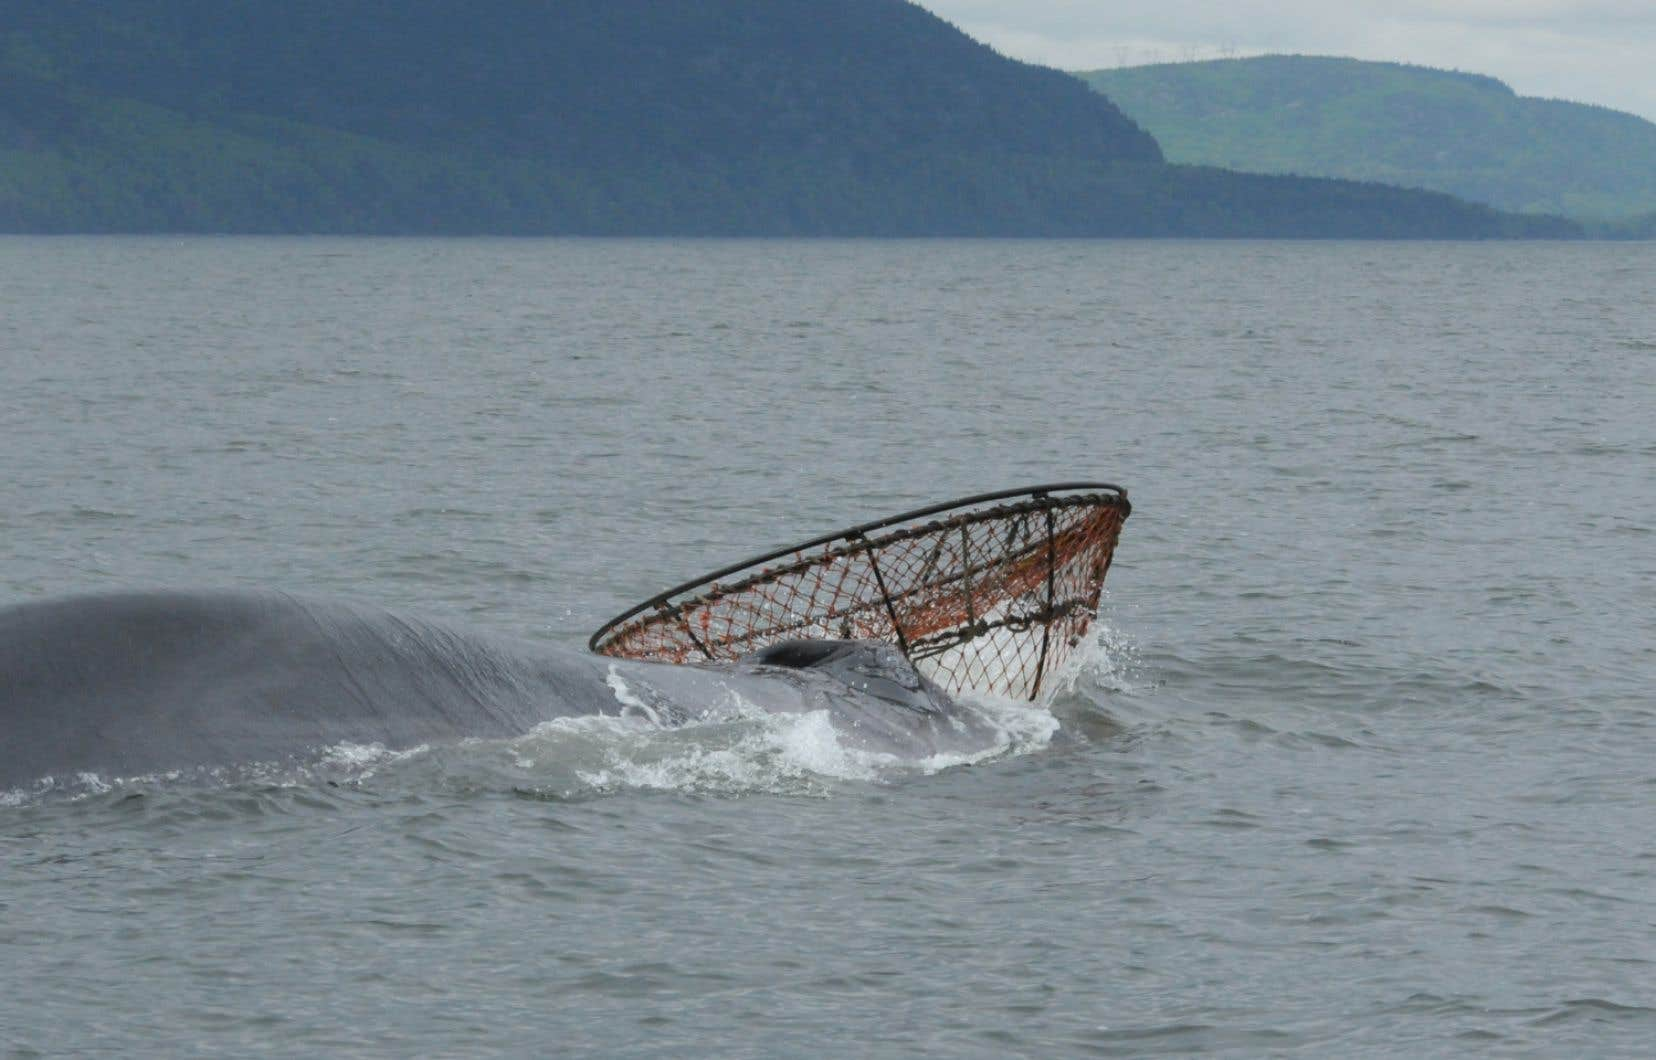 Capitaine Crochet est une habituée du parc marin du Saguenay–Saint-Laurent. Cette baleine d'une vingtaine de mètres doit son nom à sa nageoire dorsale bien arquée vers l'arrière.